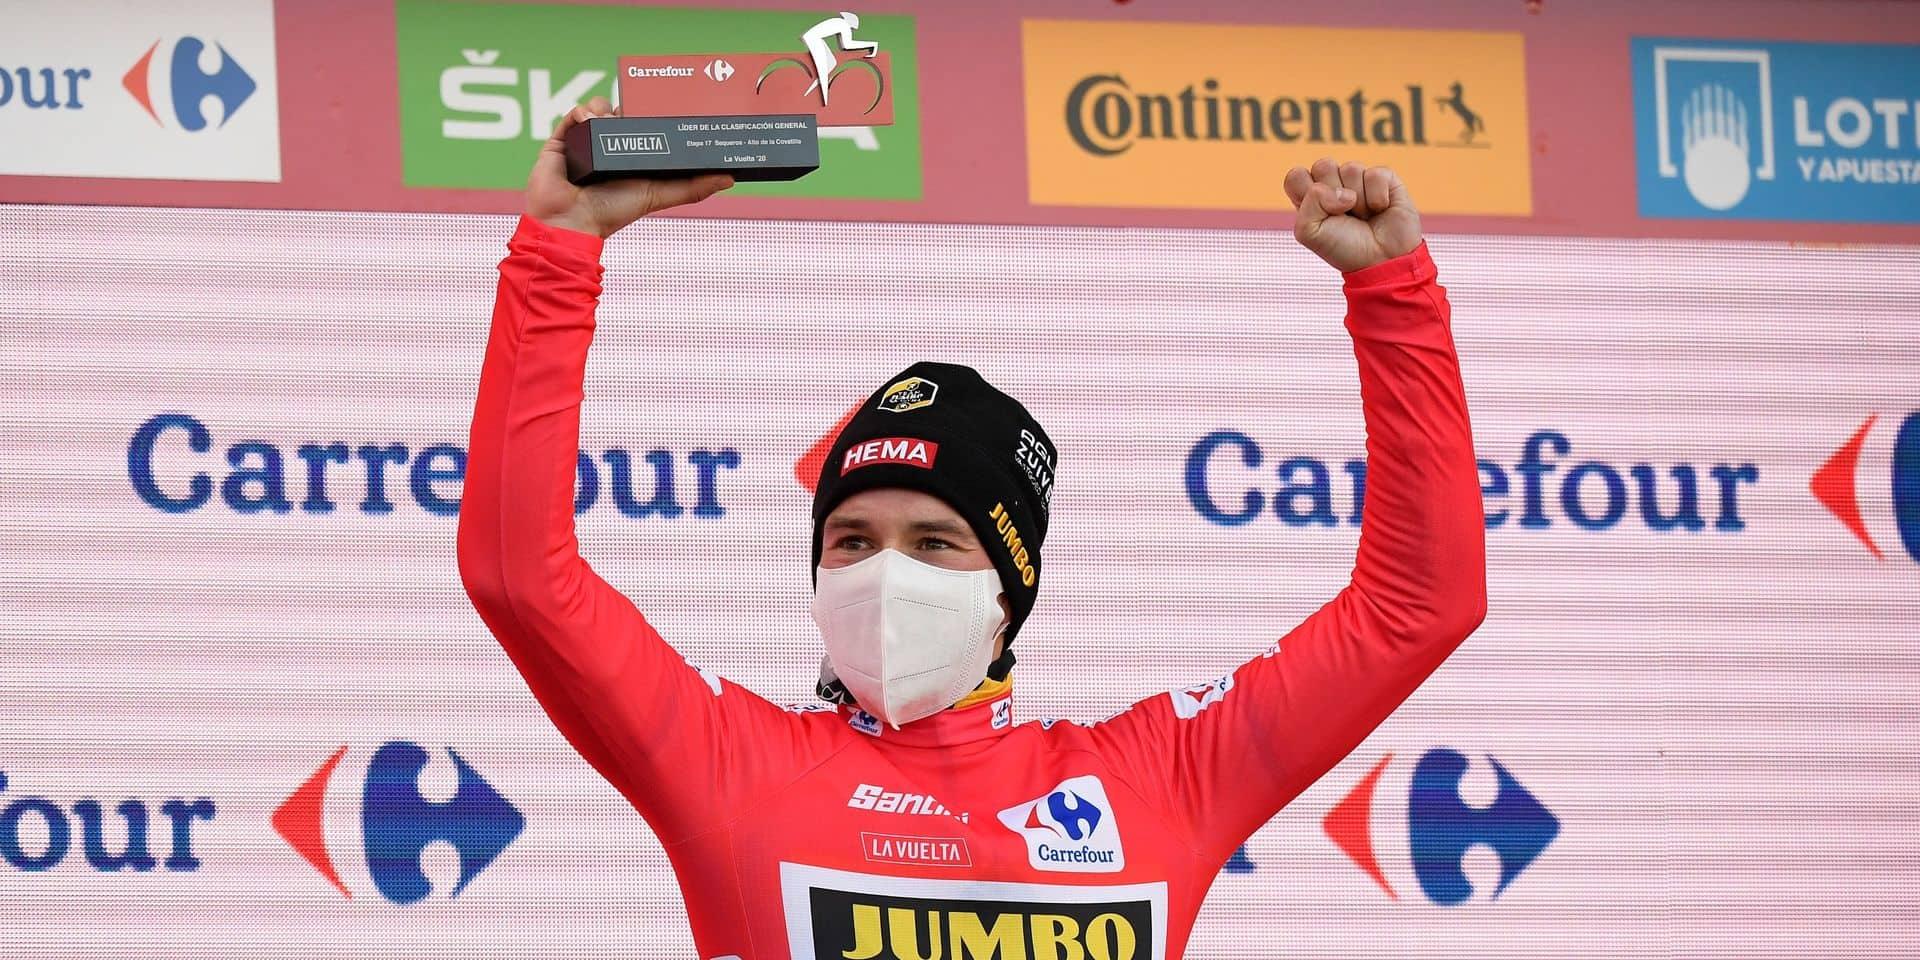 """Roglic ambitieux après sa seconde victoire à la Vuelta: """"Il reste de nouveaux défis à me fixer"""""""